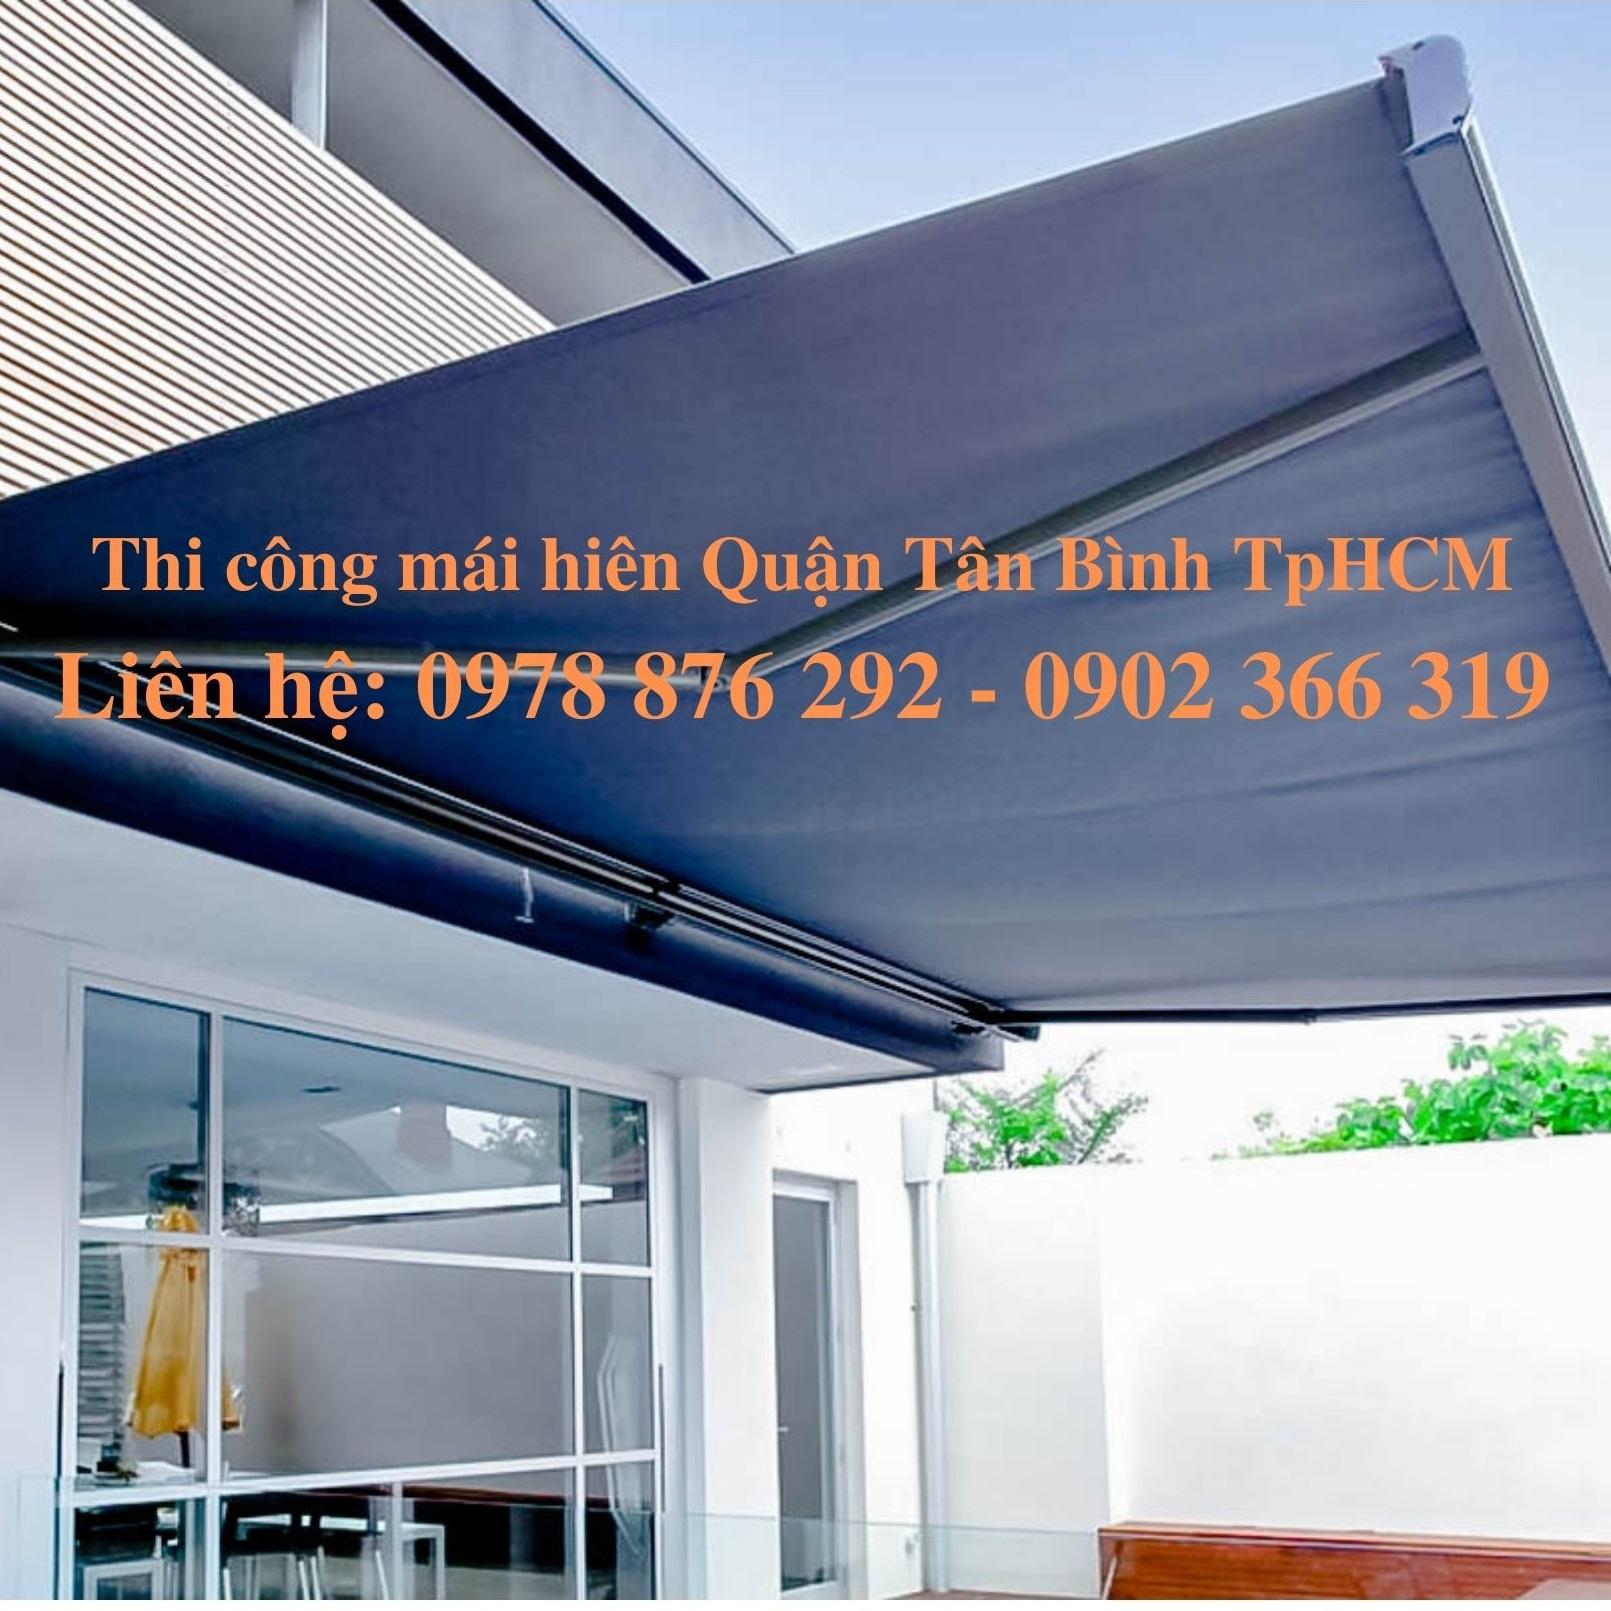 Chuyên Thiết Kế Thi Công Mái Hiên Quận Tân Bình TpHCM | 1000+ Mẫu Đẹp